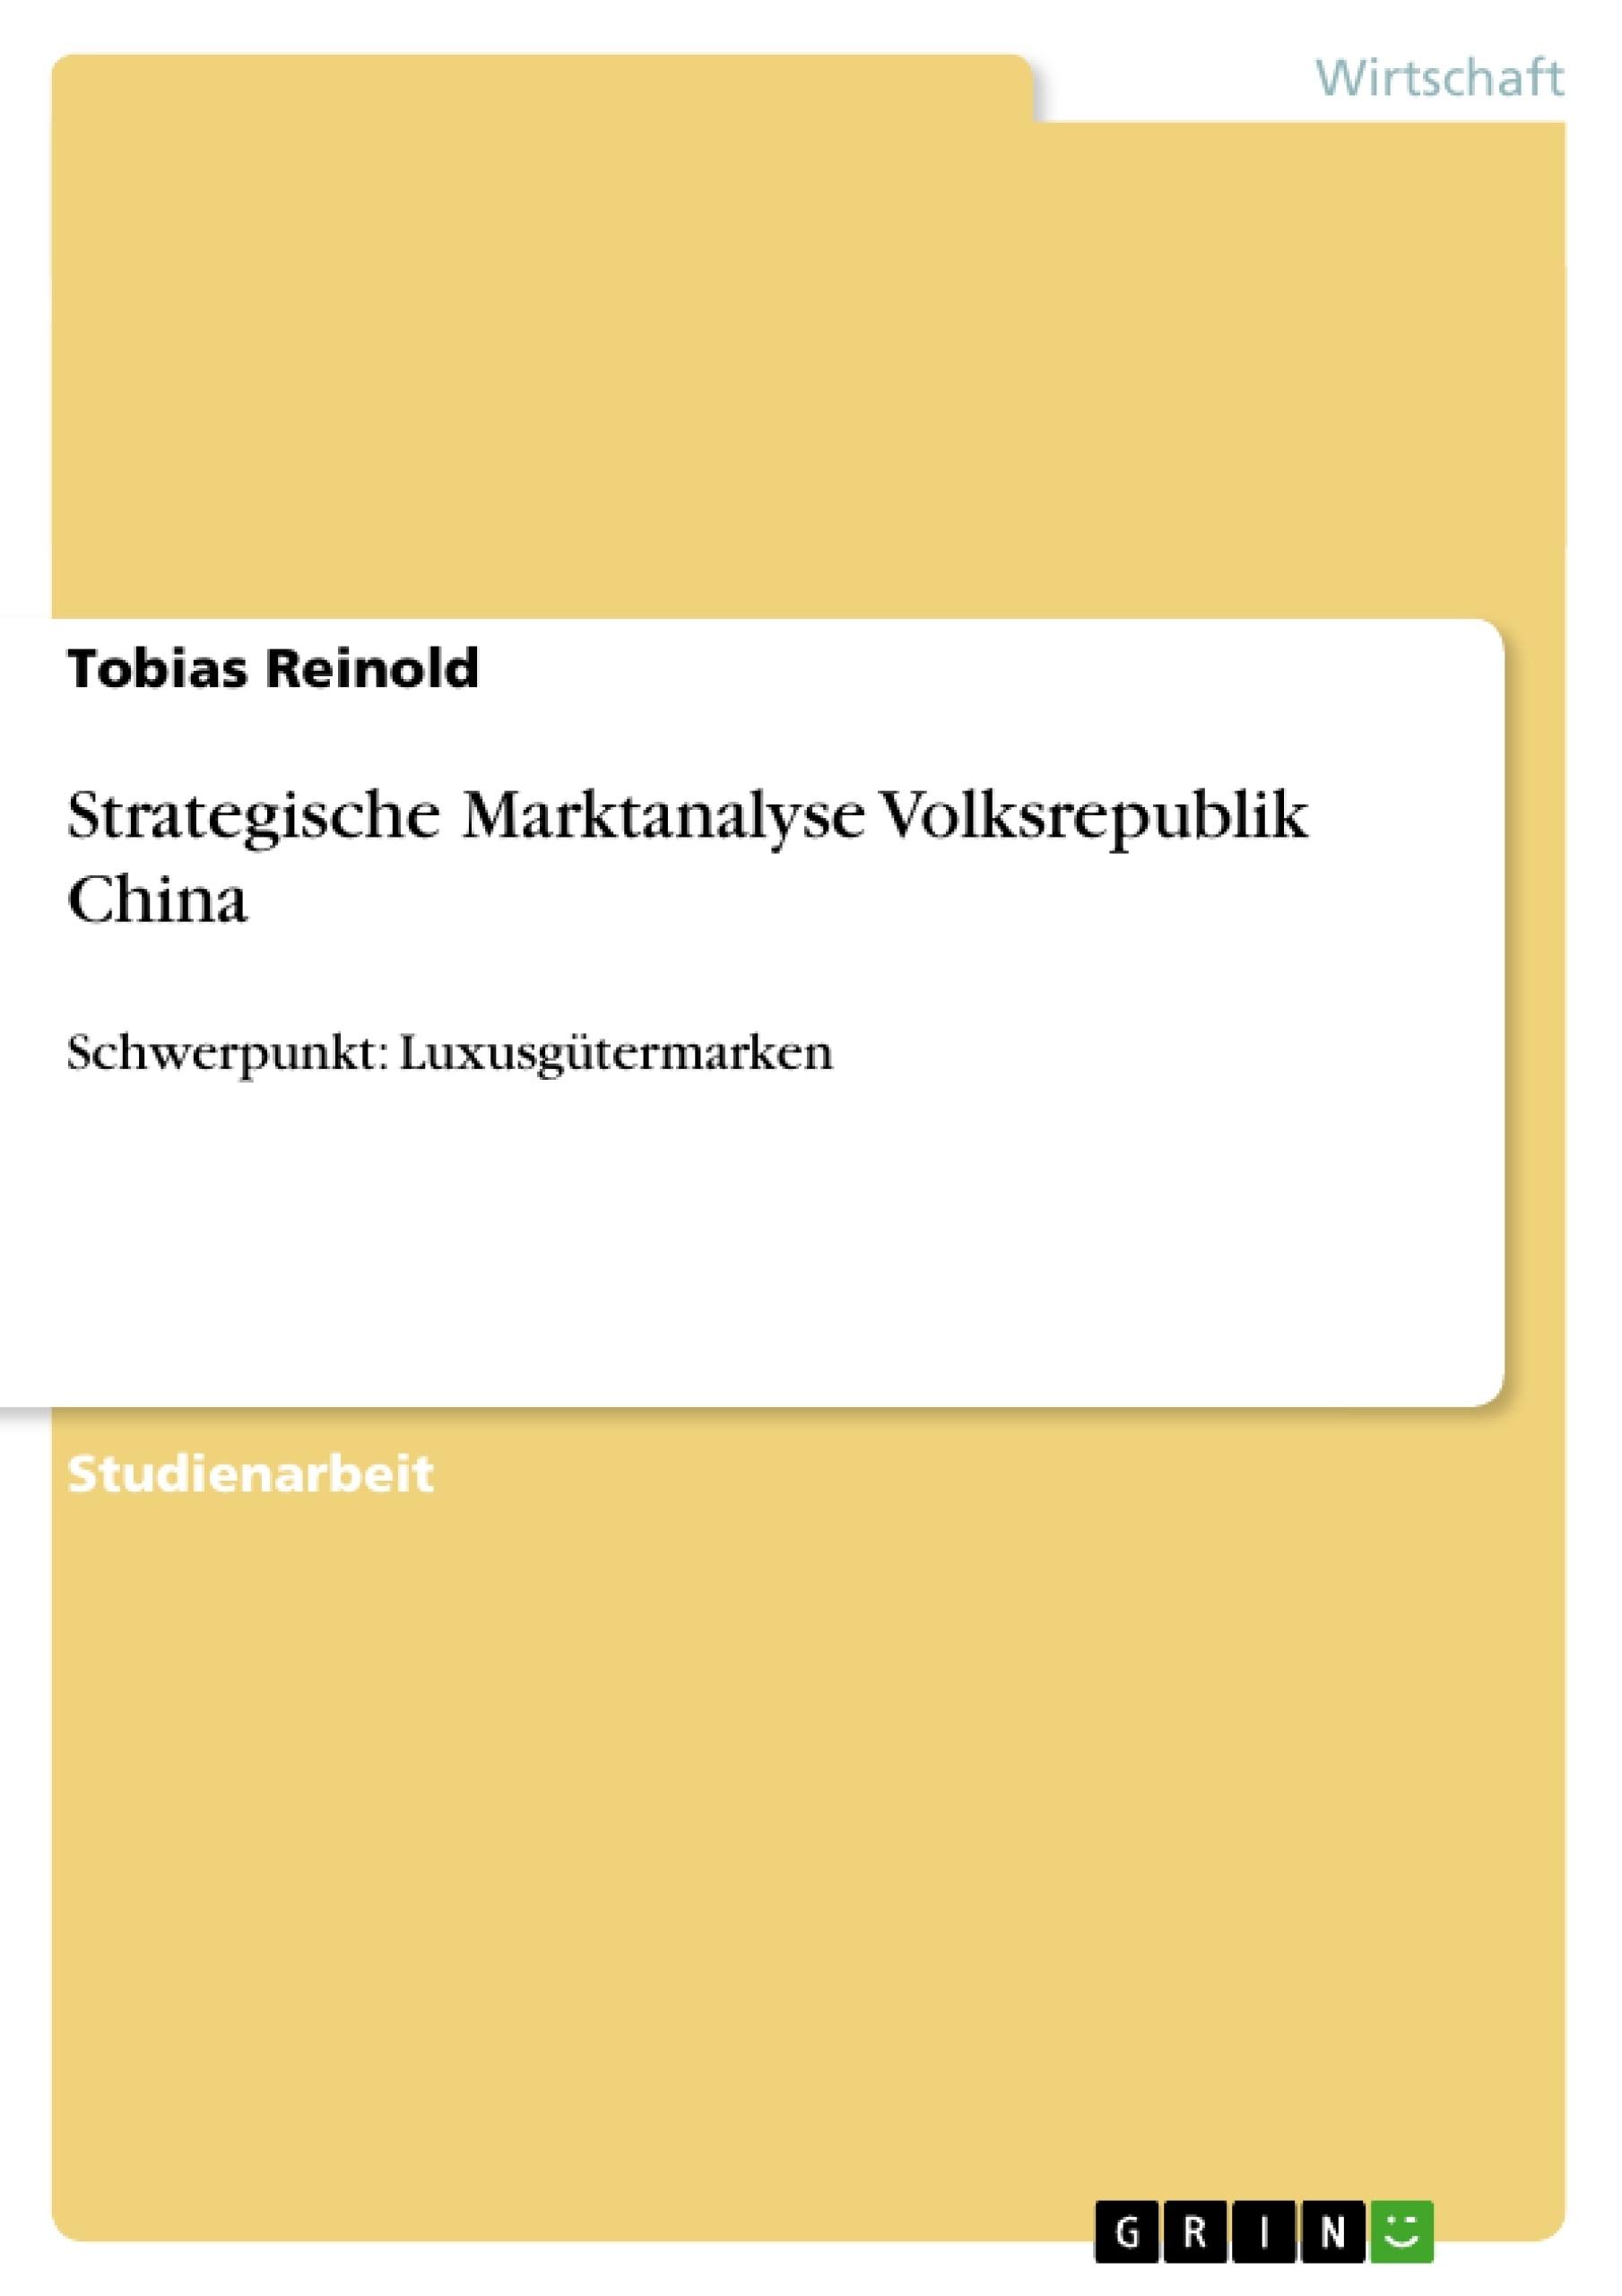 Titel: Strategische Marktanalyse Volksrepublik China